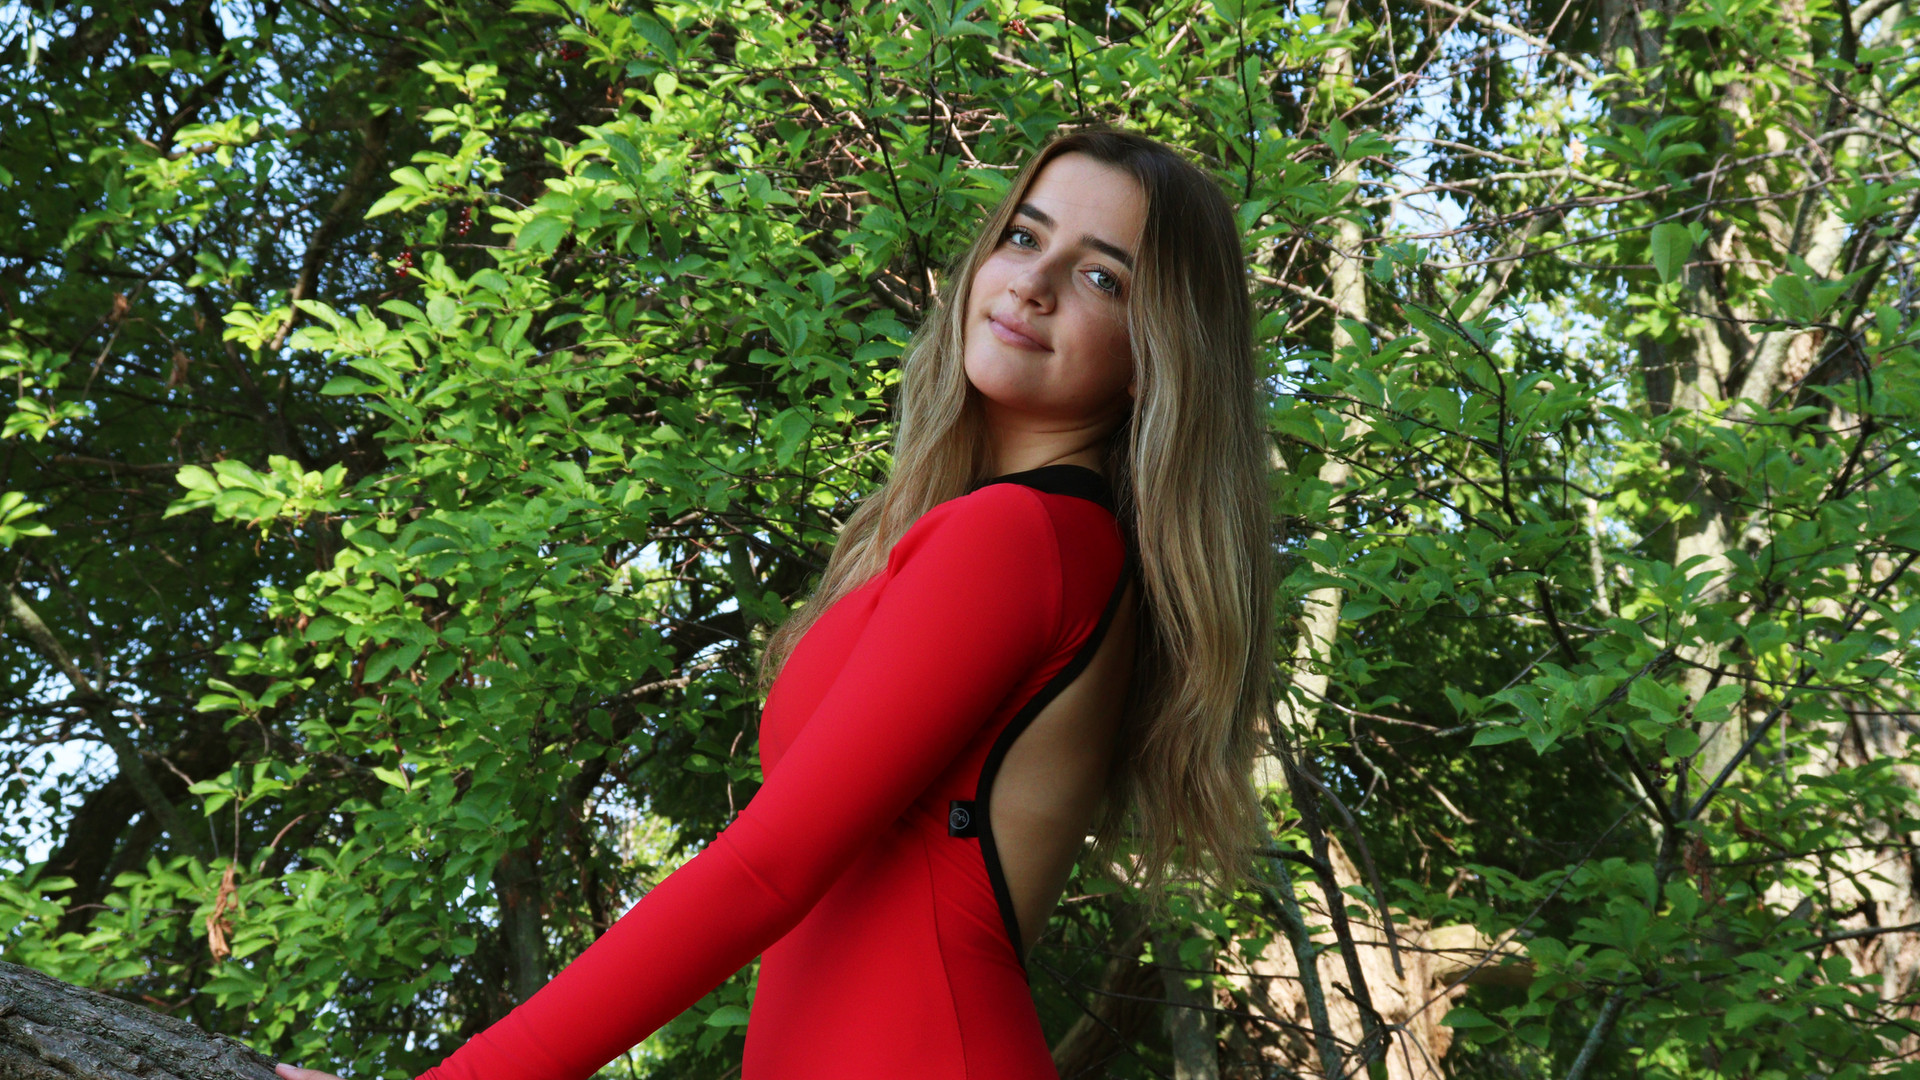 Julia_3.jpg